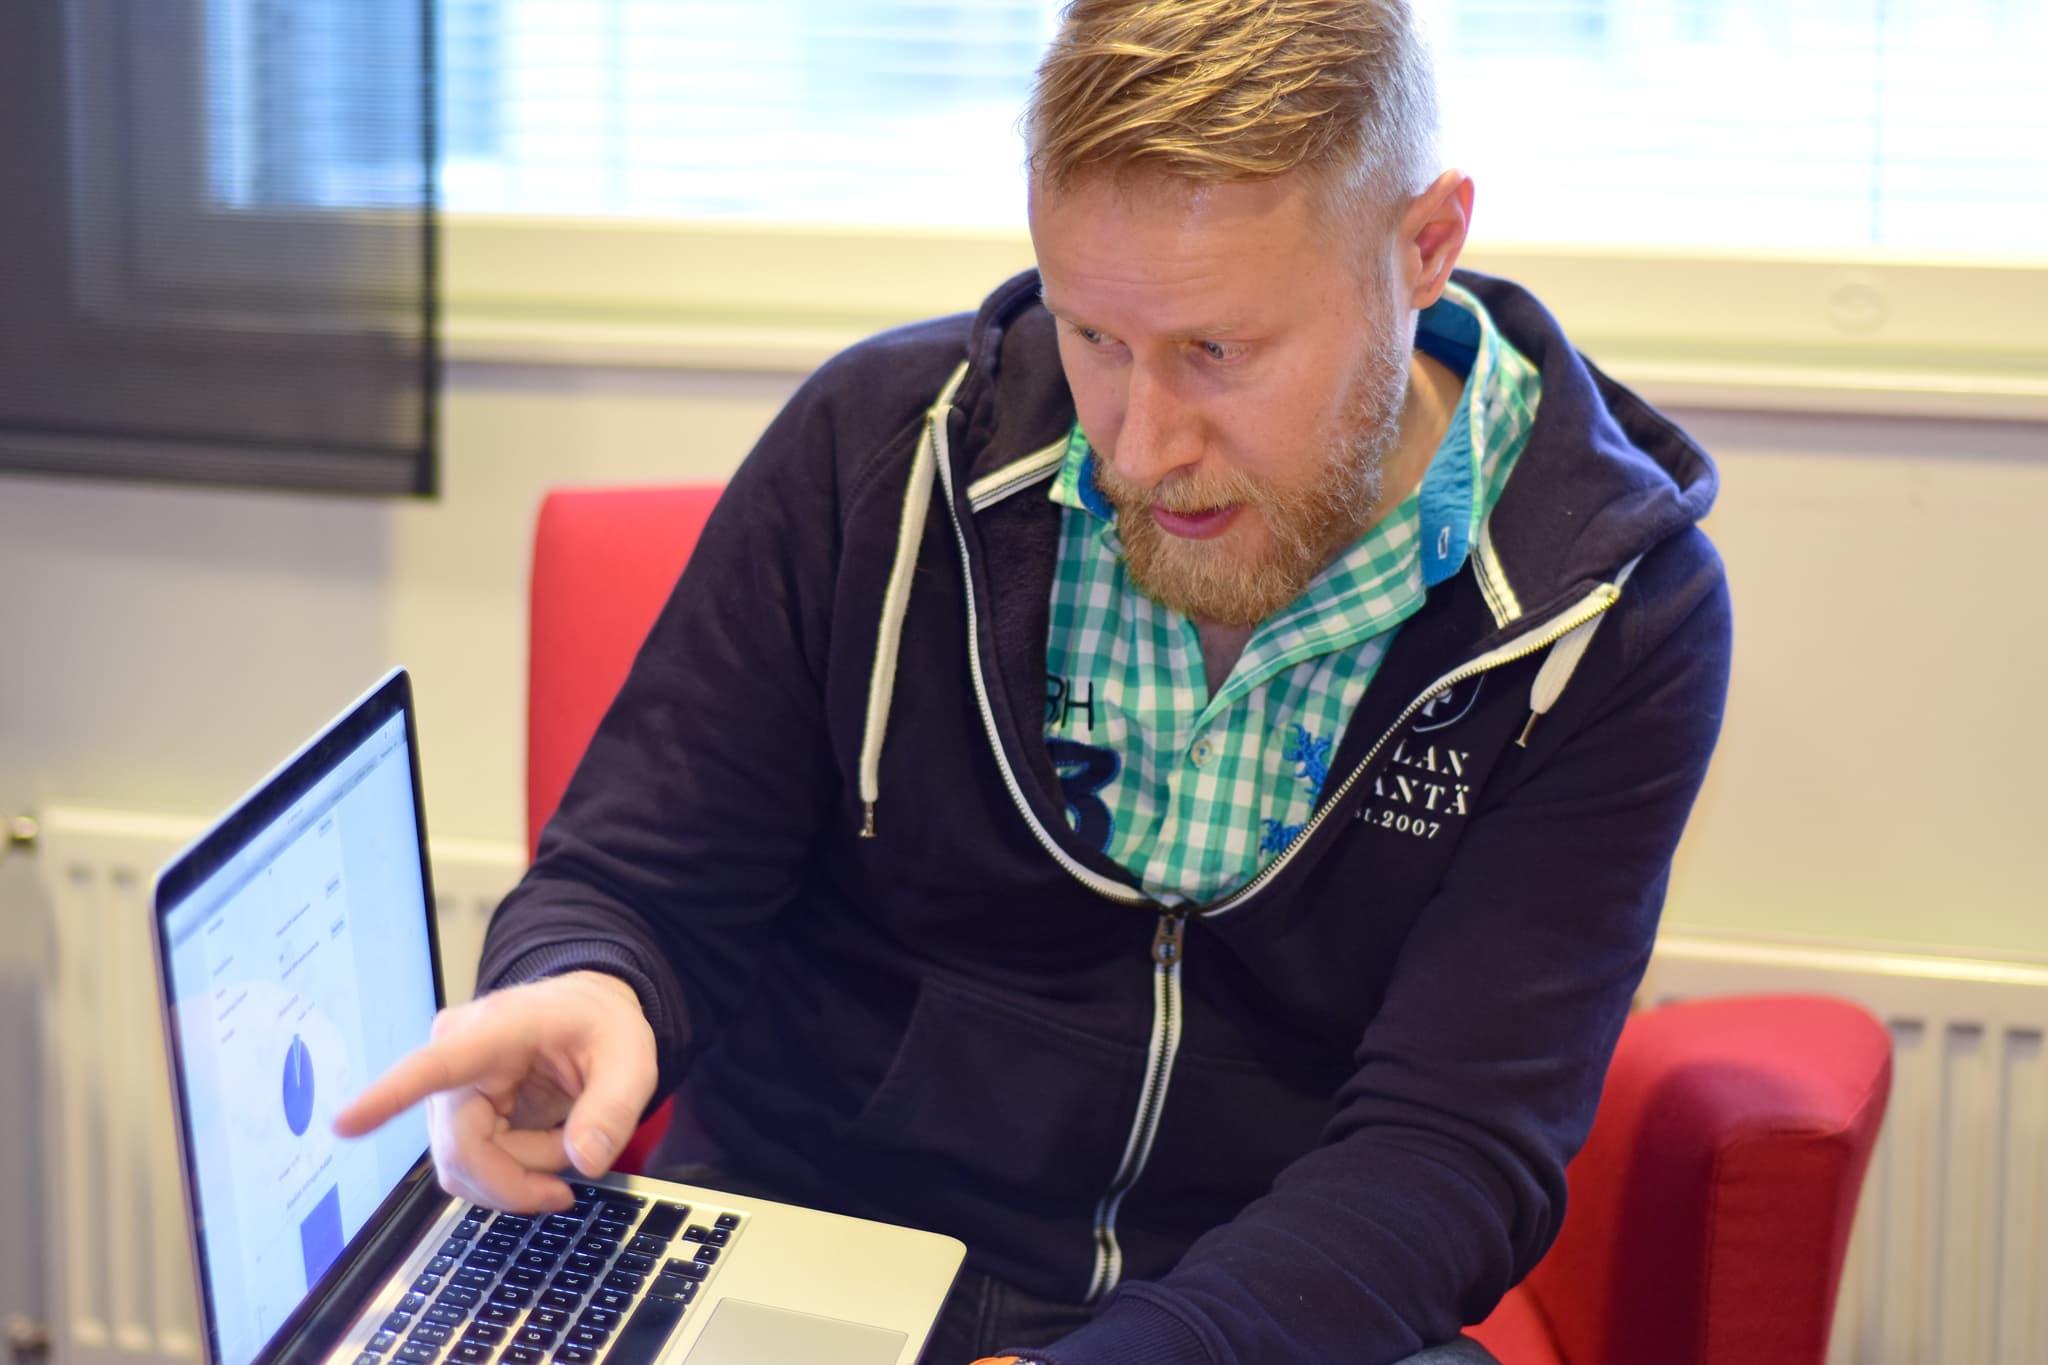 Oululainen yrittäjä-juontaja Lauri Salovaara istuu kannettavan tietokoneensa äärellä.